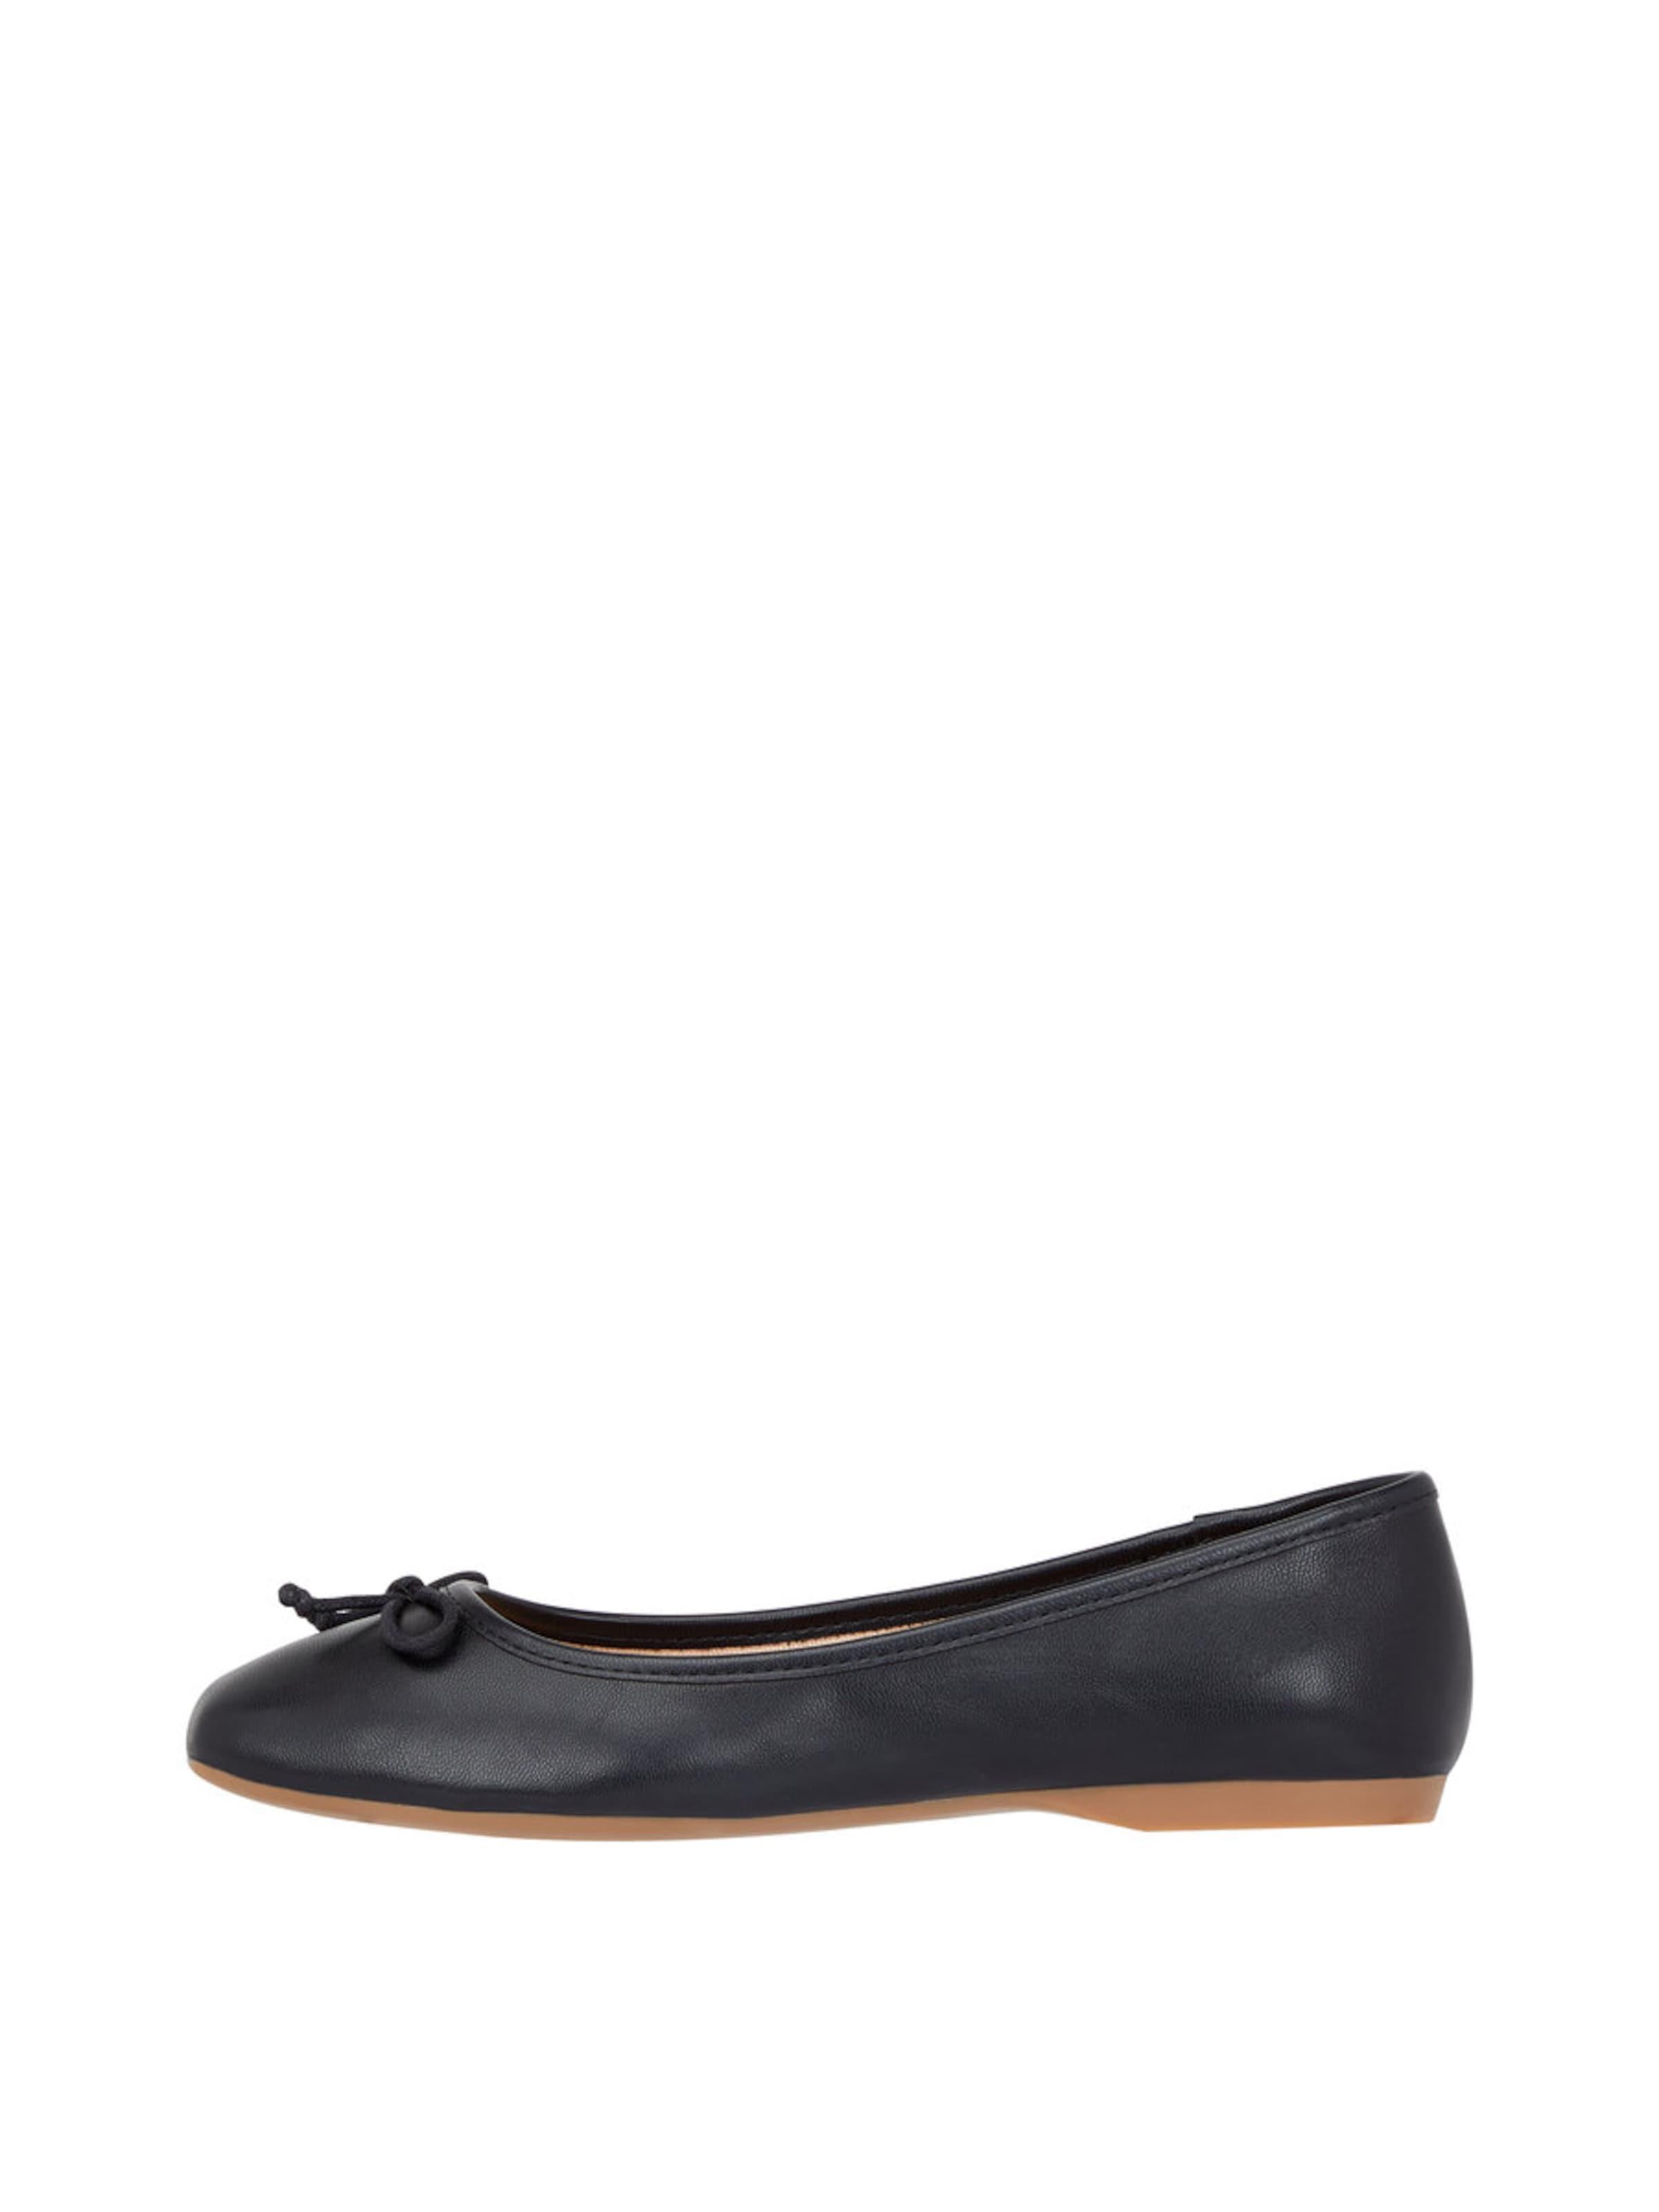 Haltbare Mode billige Schuhe Bianco | Erstklassige Ballerinas Schuhe Gut getragene Schuhe